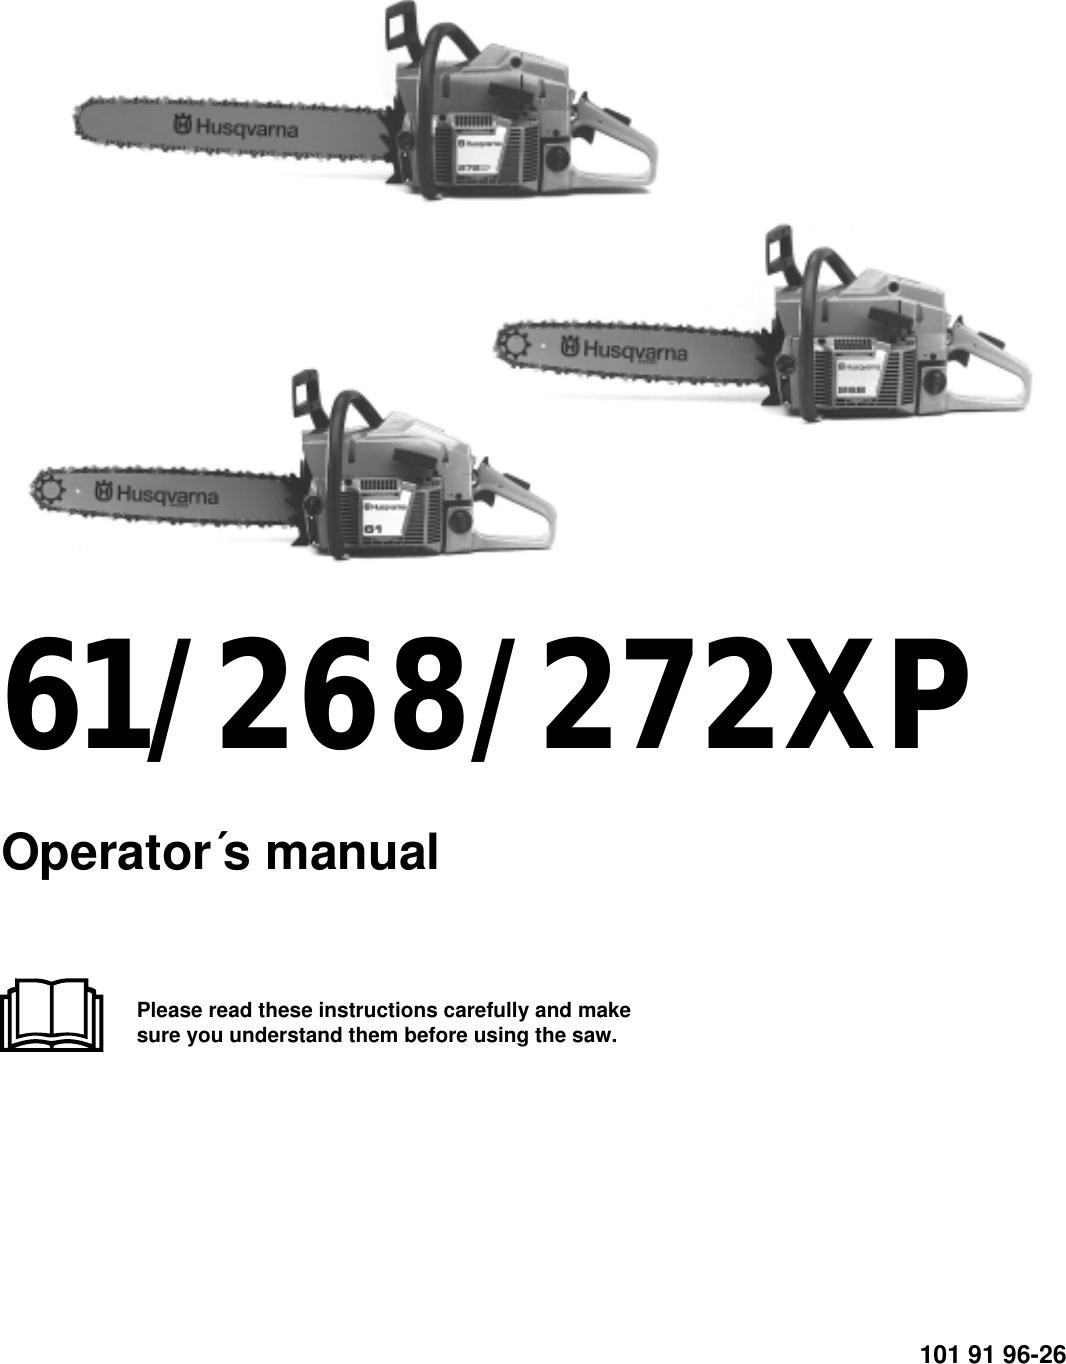 Husqvarna 61 268 272Xp Users Manual OM, 61, 268, 272 XP, 2001 10